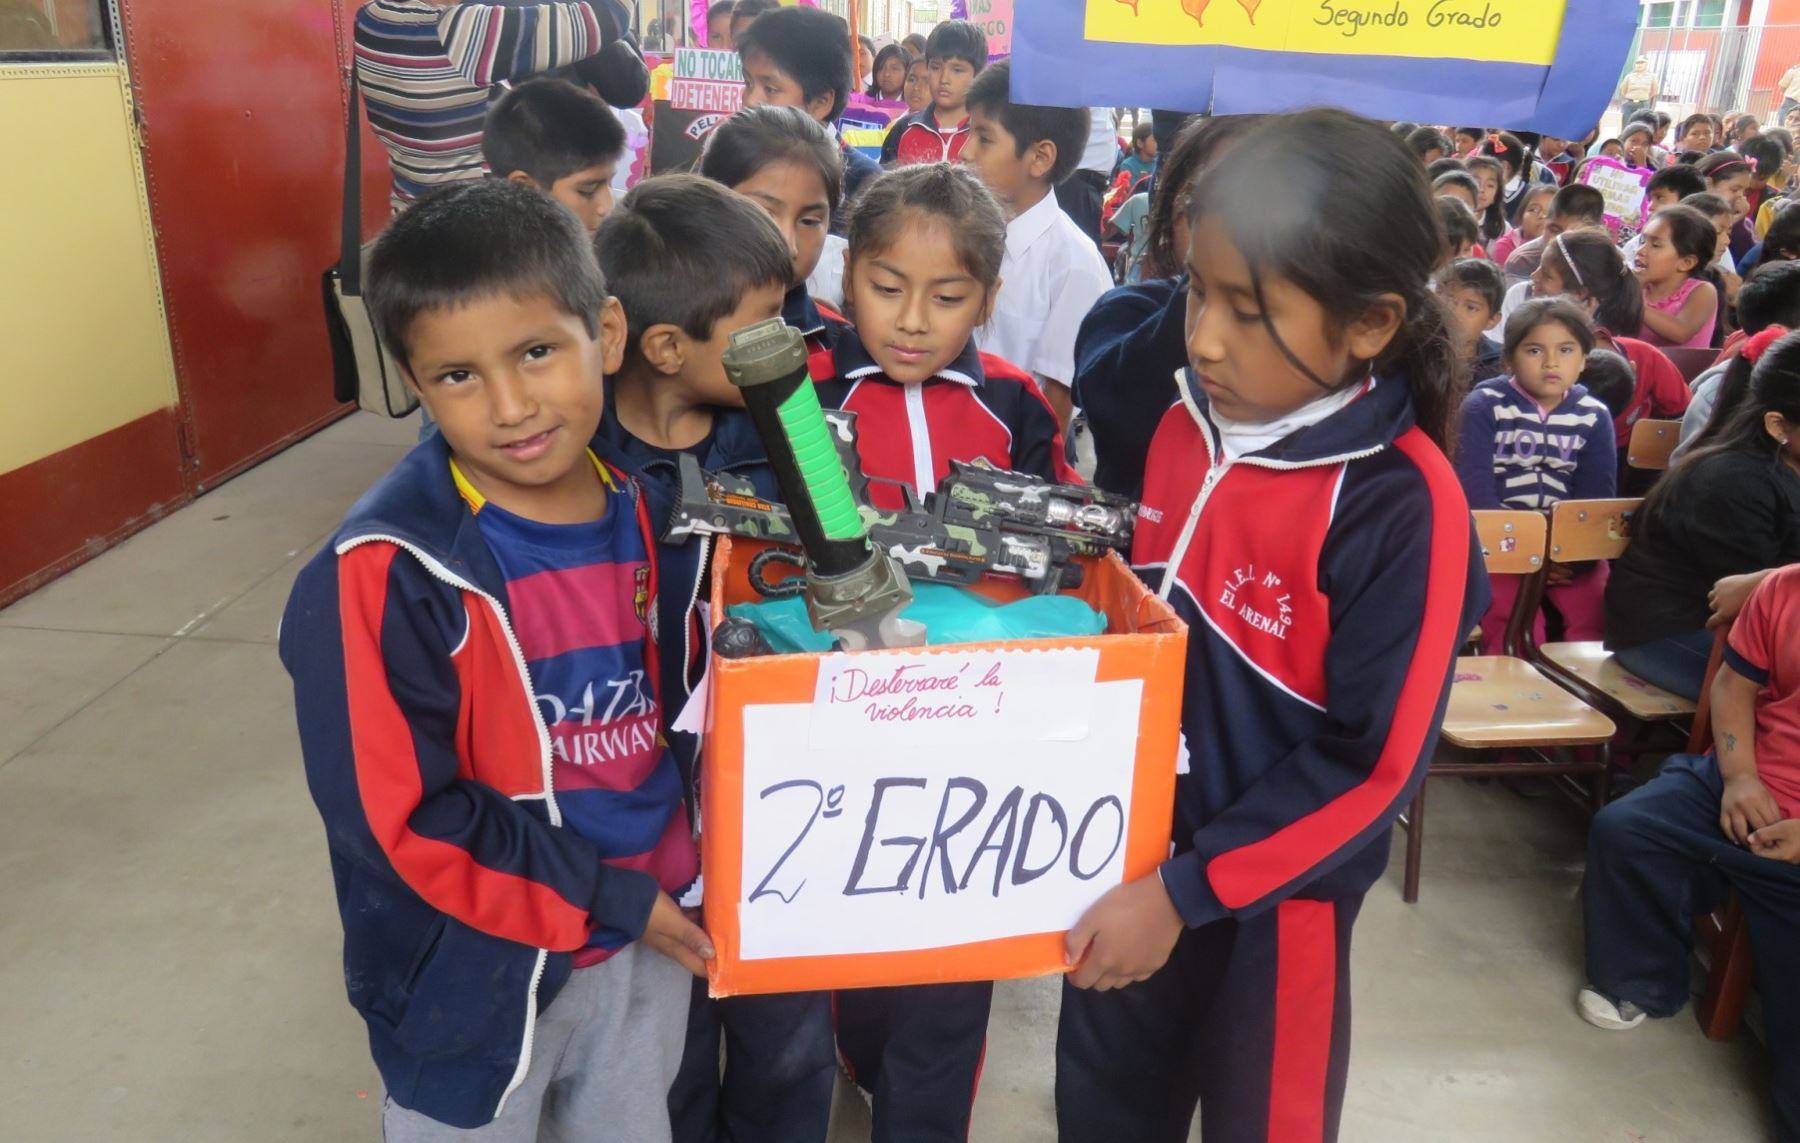 Escolares de ica entregan armas de juguete y reciben for Portal del ministerio del interior